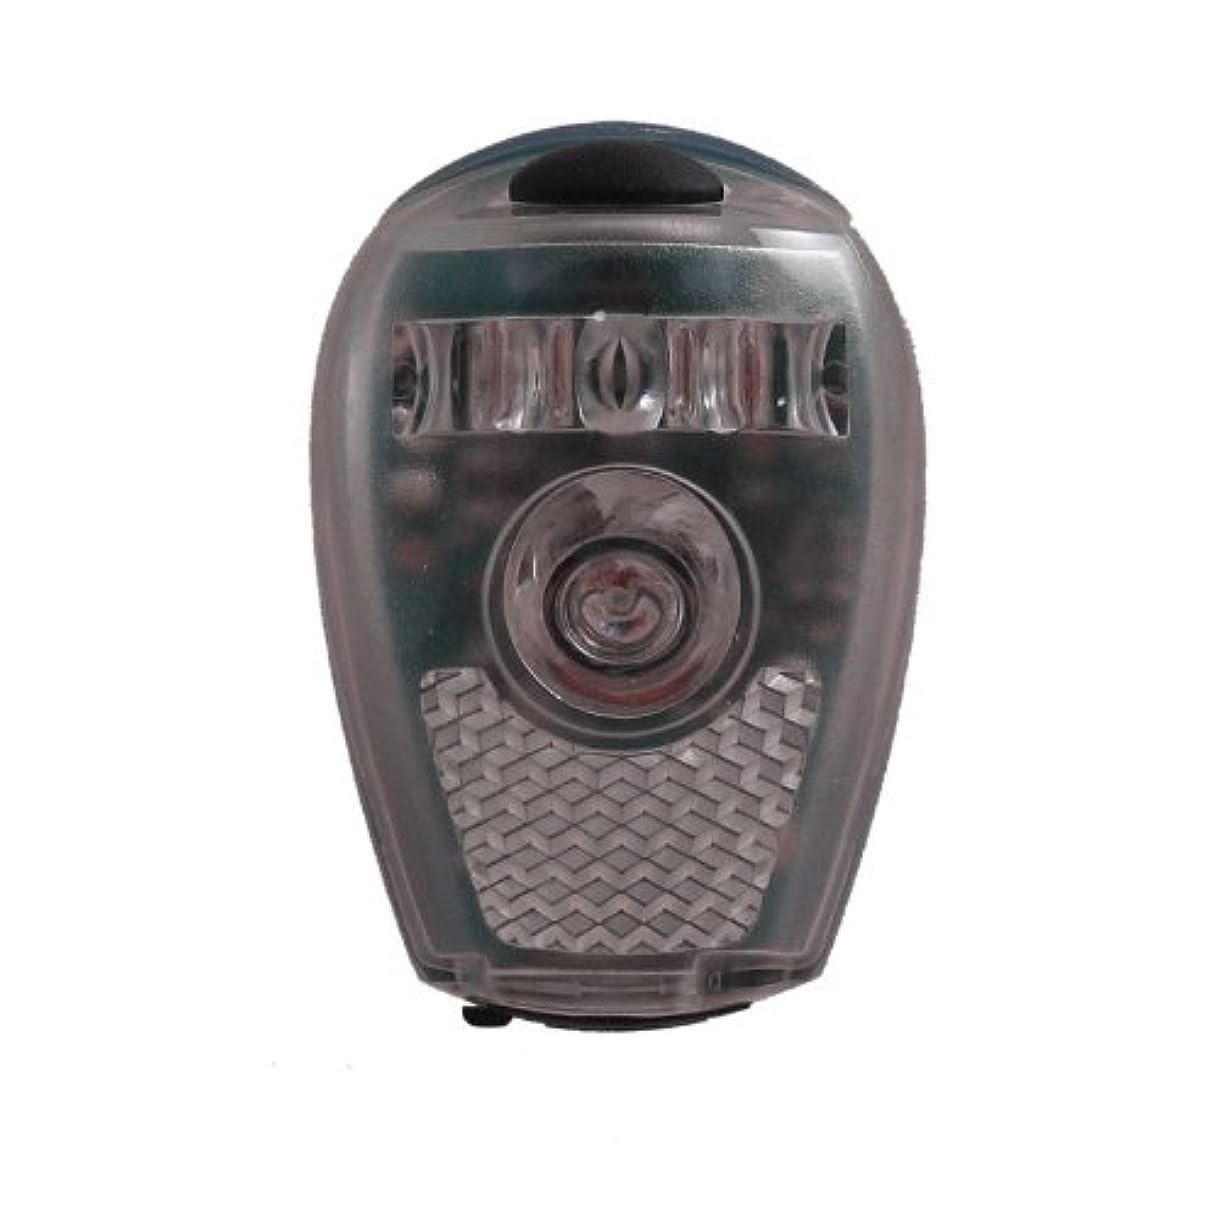 石灰岩パスタ雄弁Sunlite HL-L302 USB Headlight by Sunlite